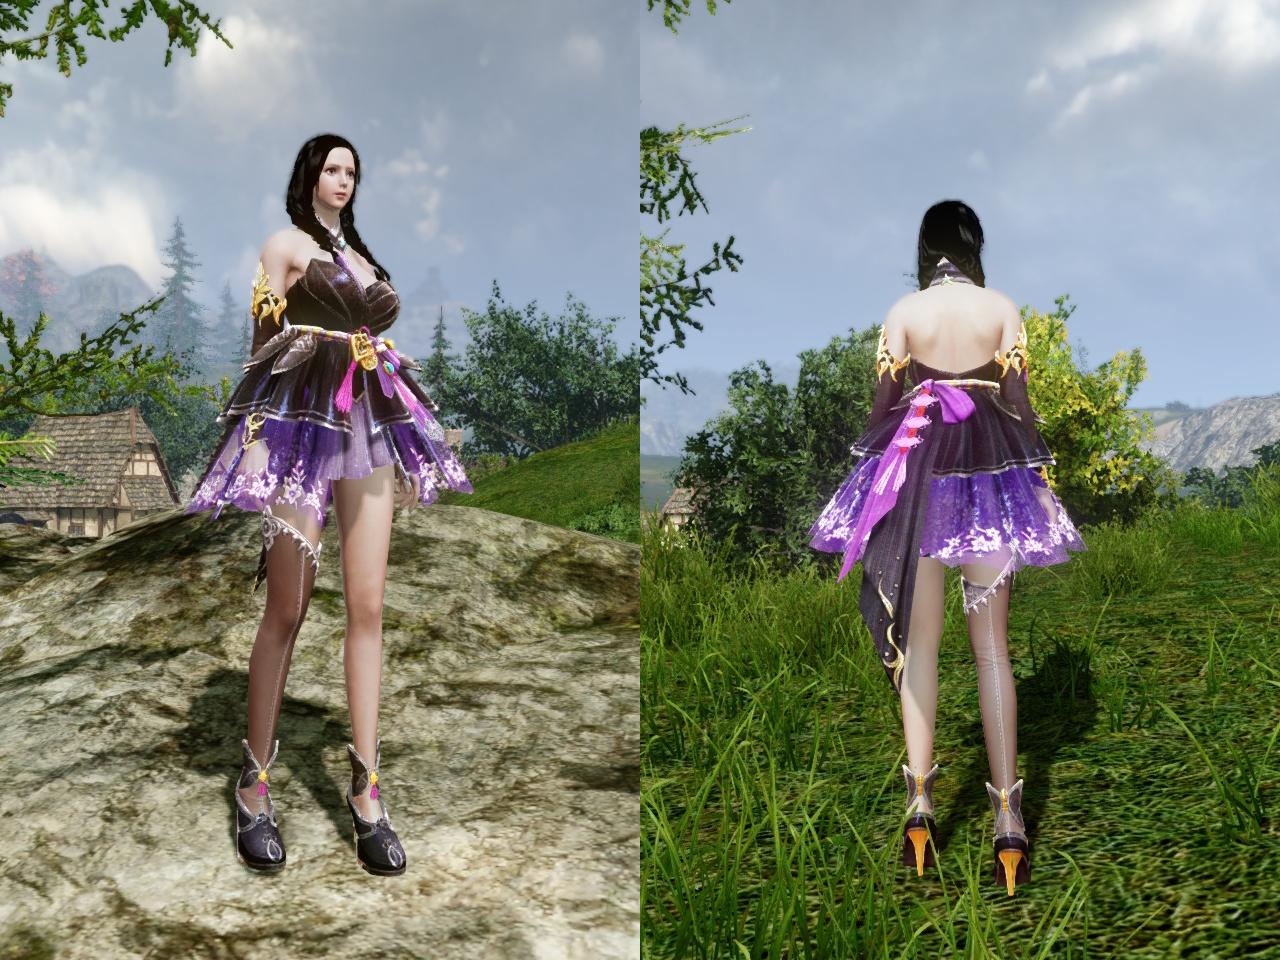 香るラベンダーの花衣装 前・背中